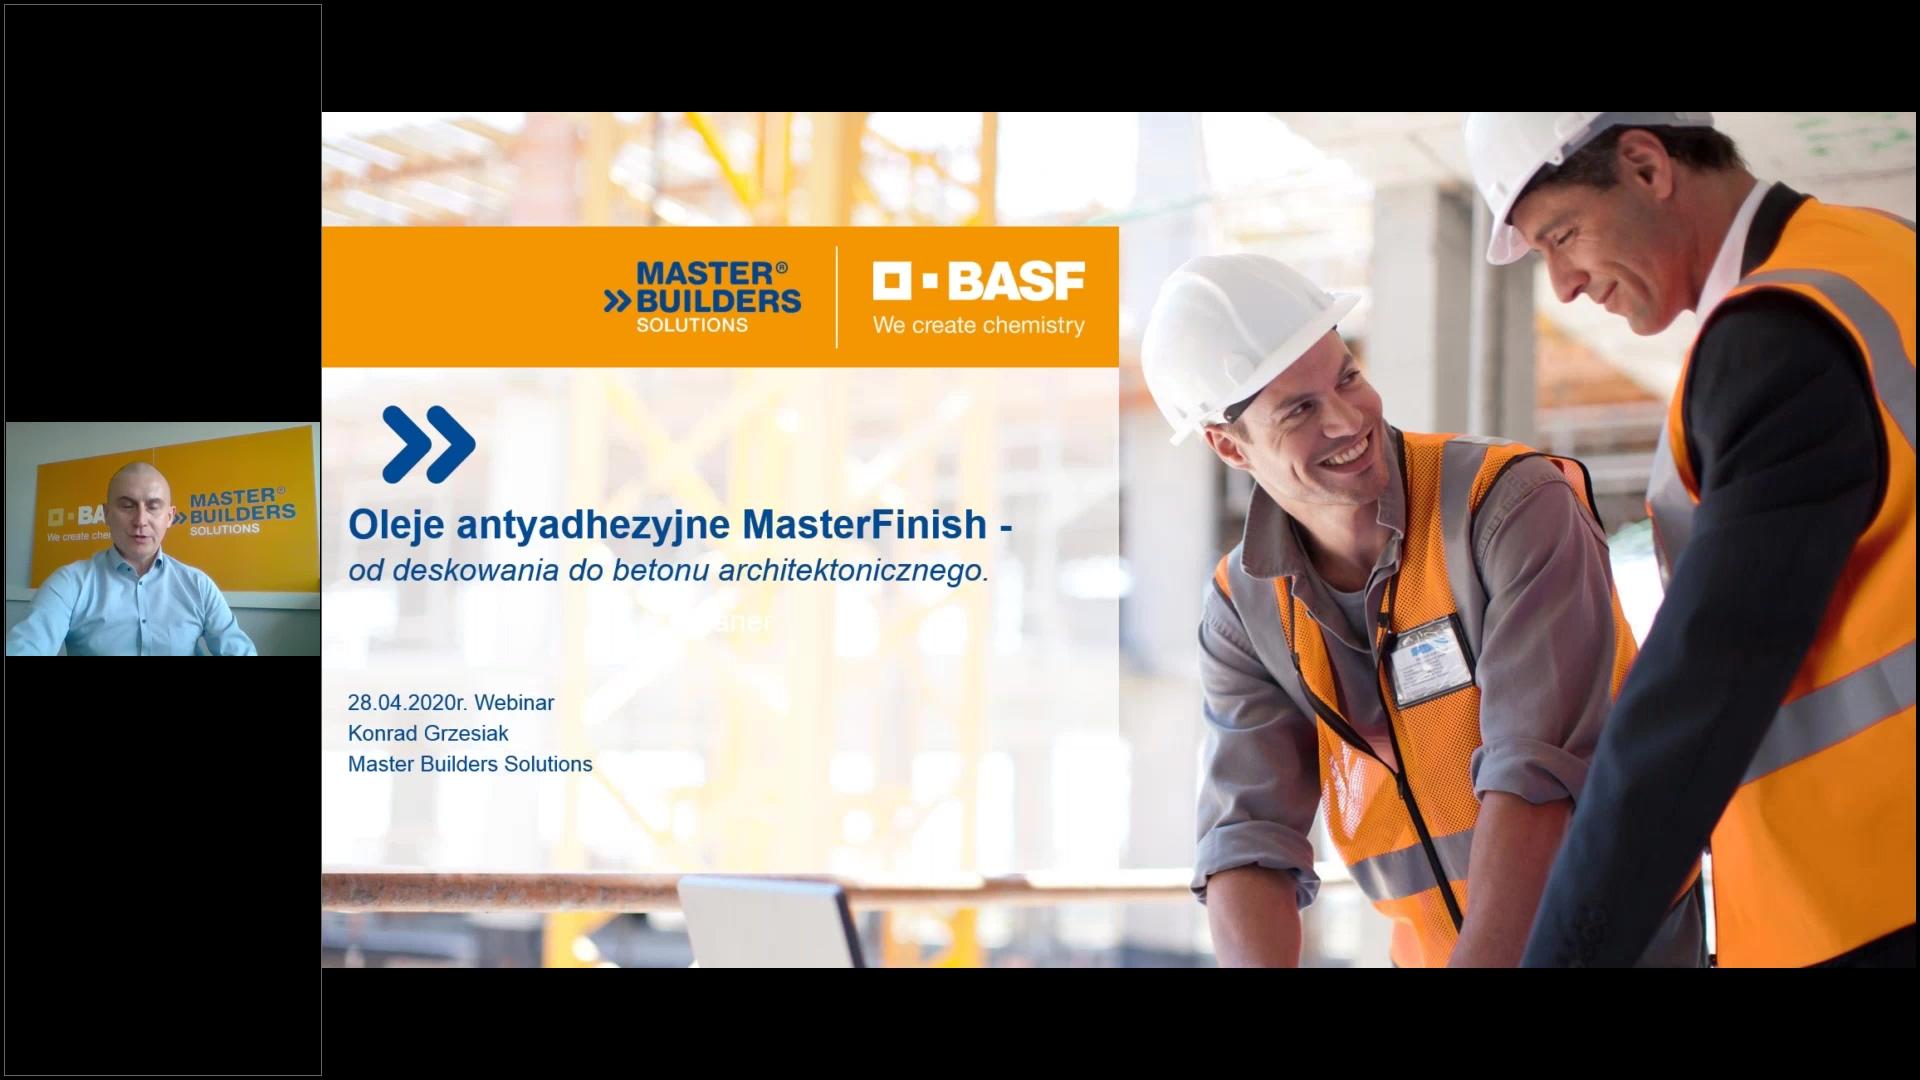 Oleje antyadhezyjne MasterFinish – od deskowania do betonu architektonicznego 28.04